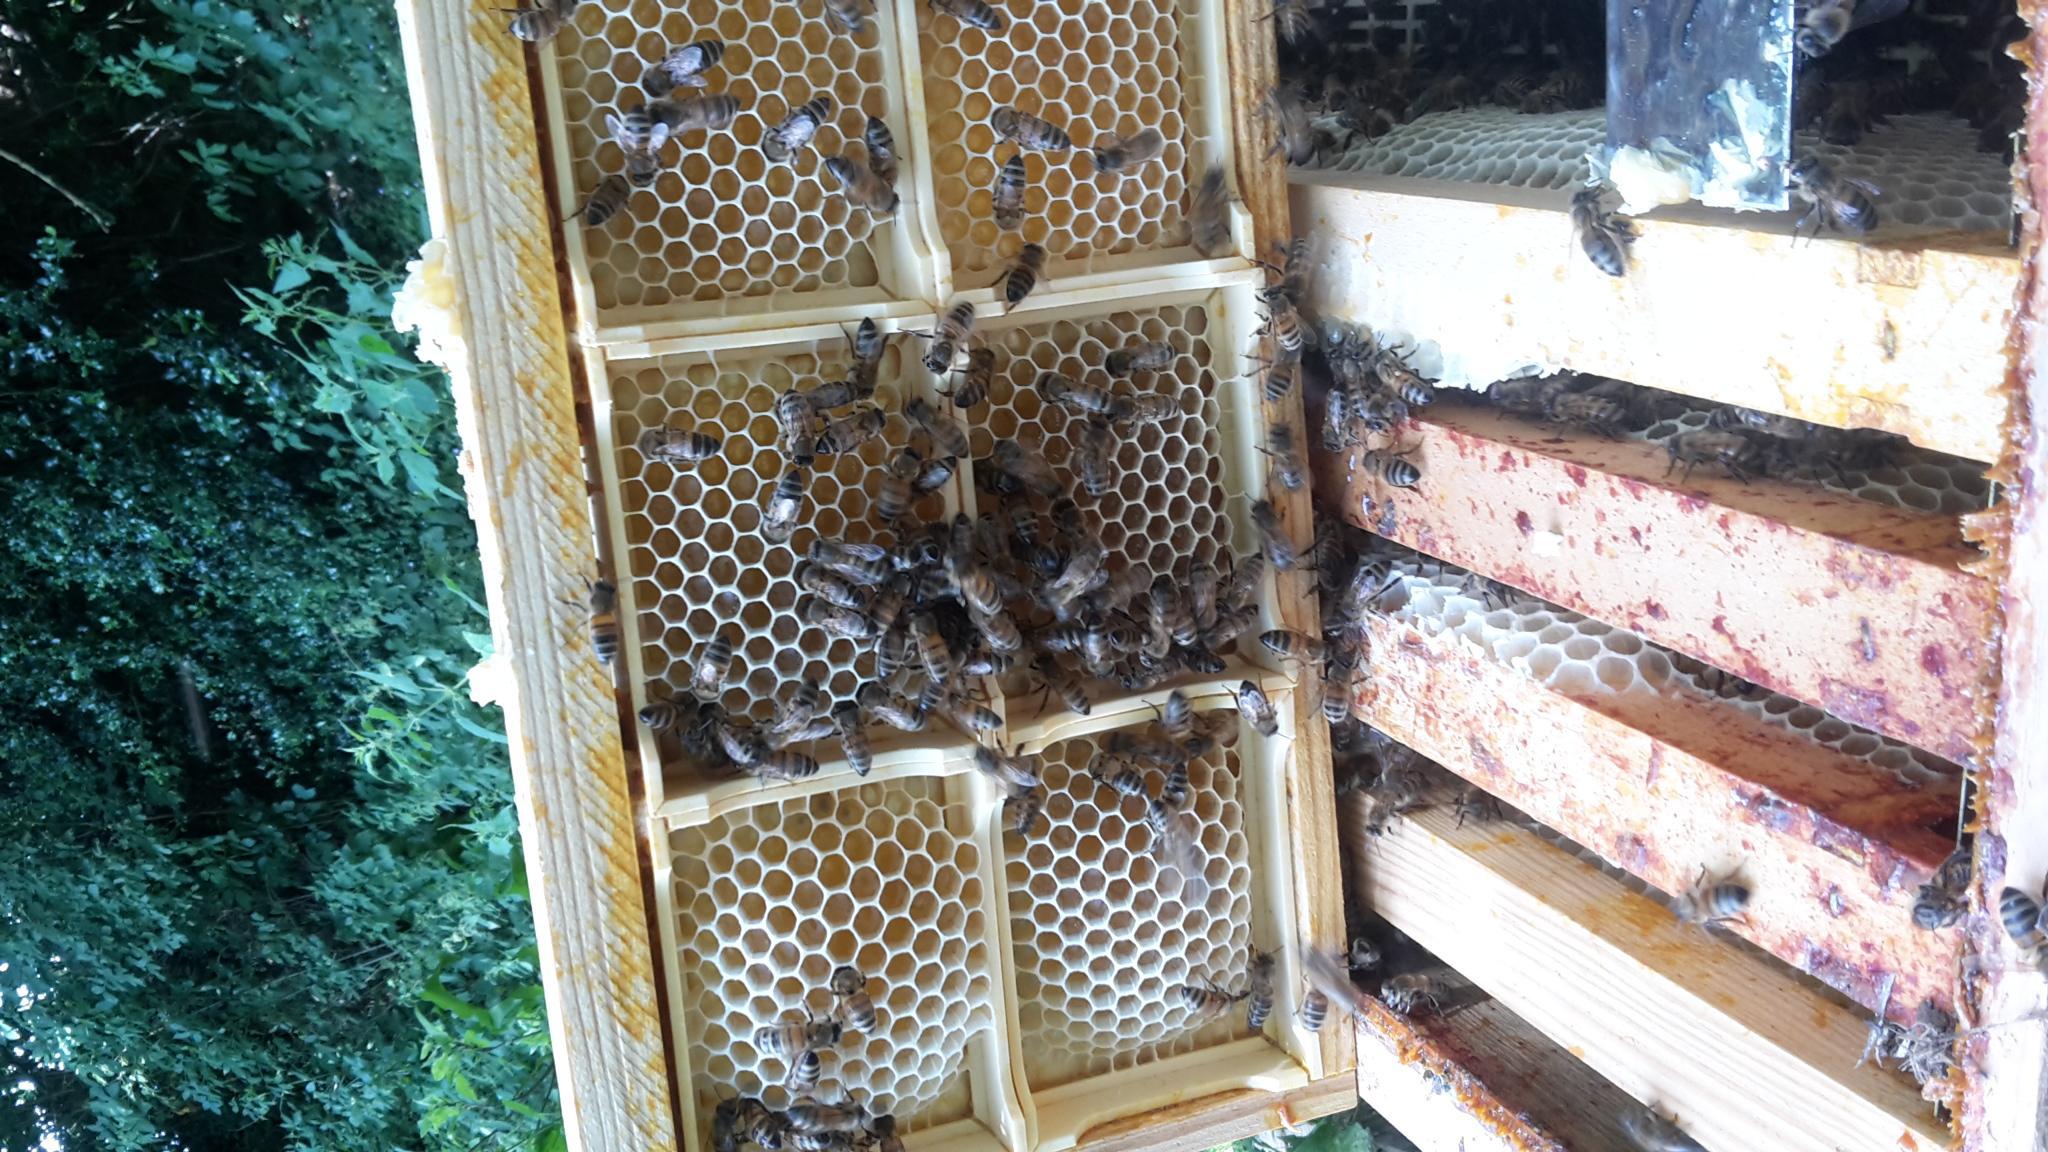 Miel en section dans la ruche